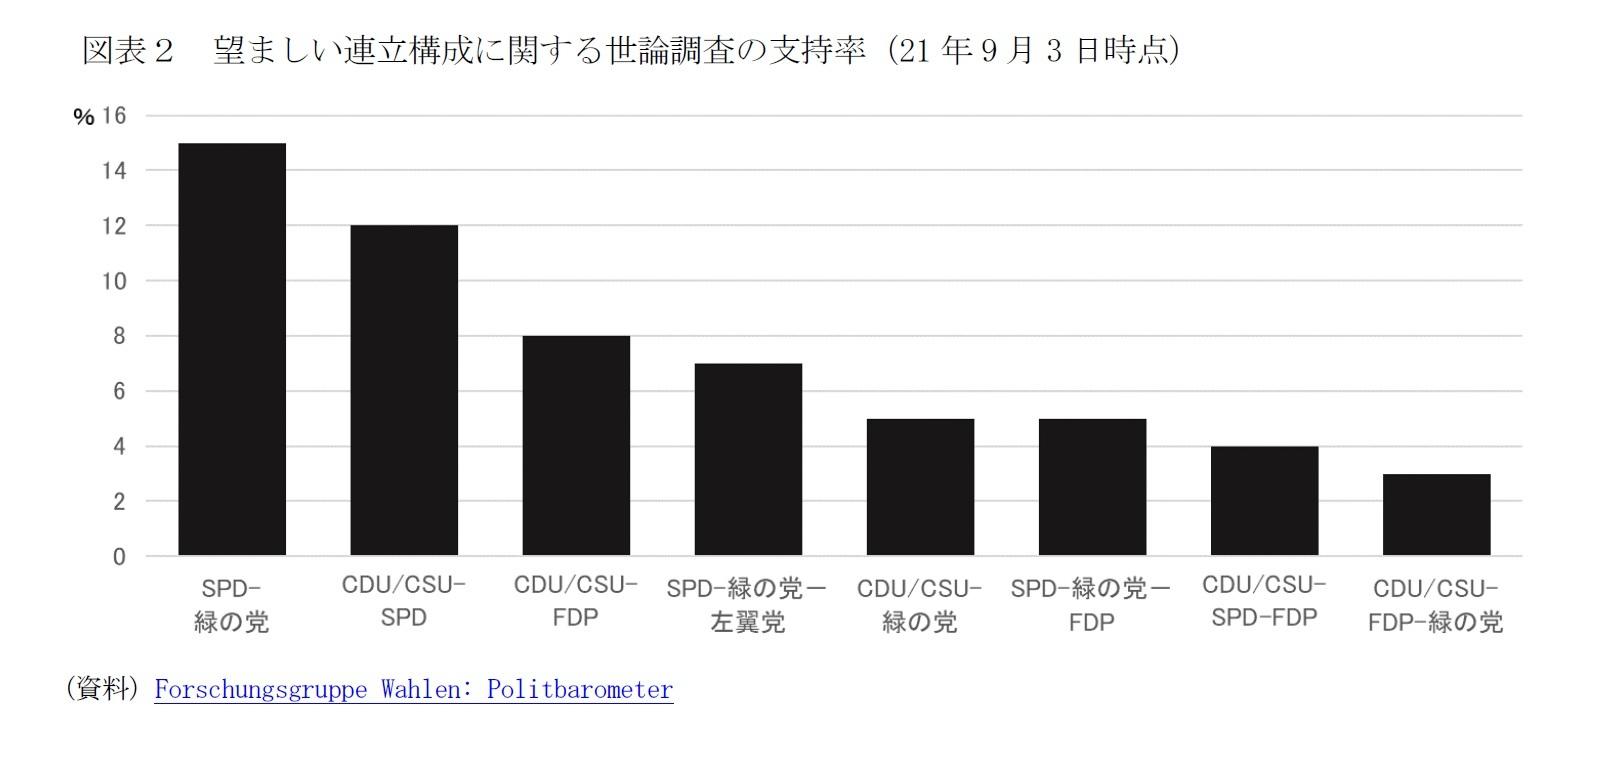 図表2 望ましい連立構成に関する世論調査の支持率(21年9月3日時点)